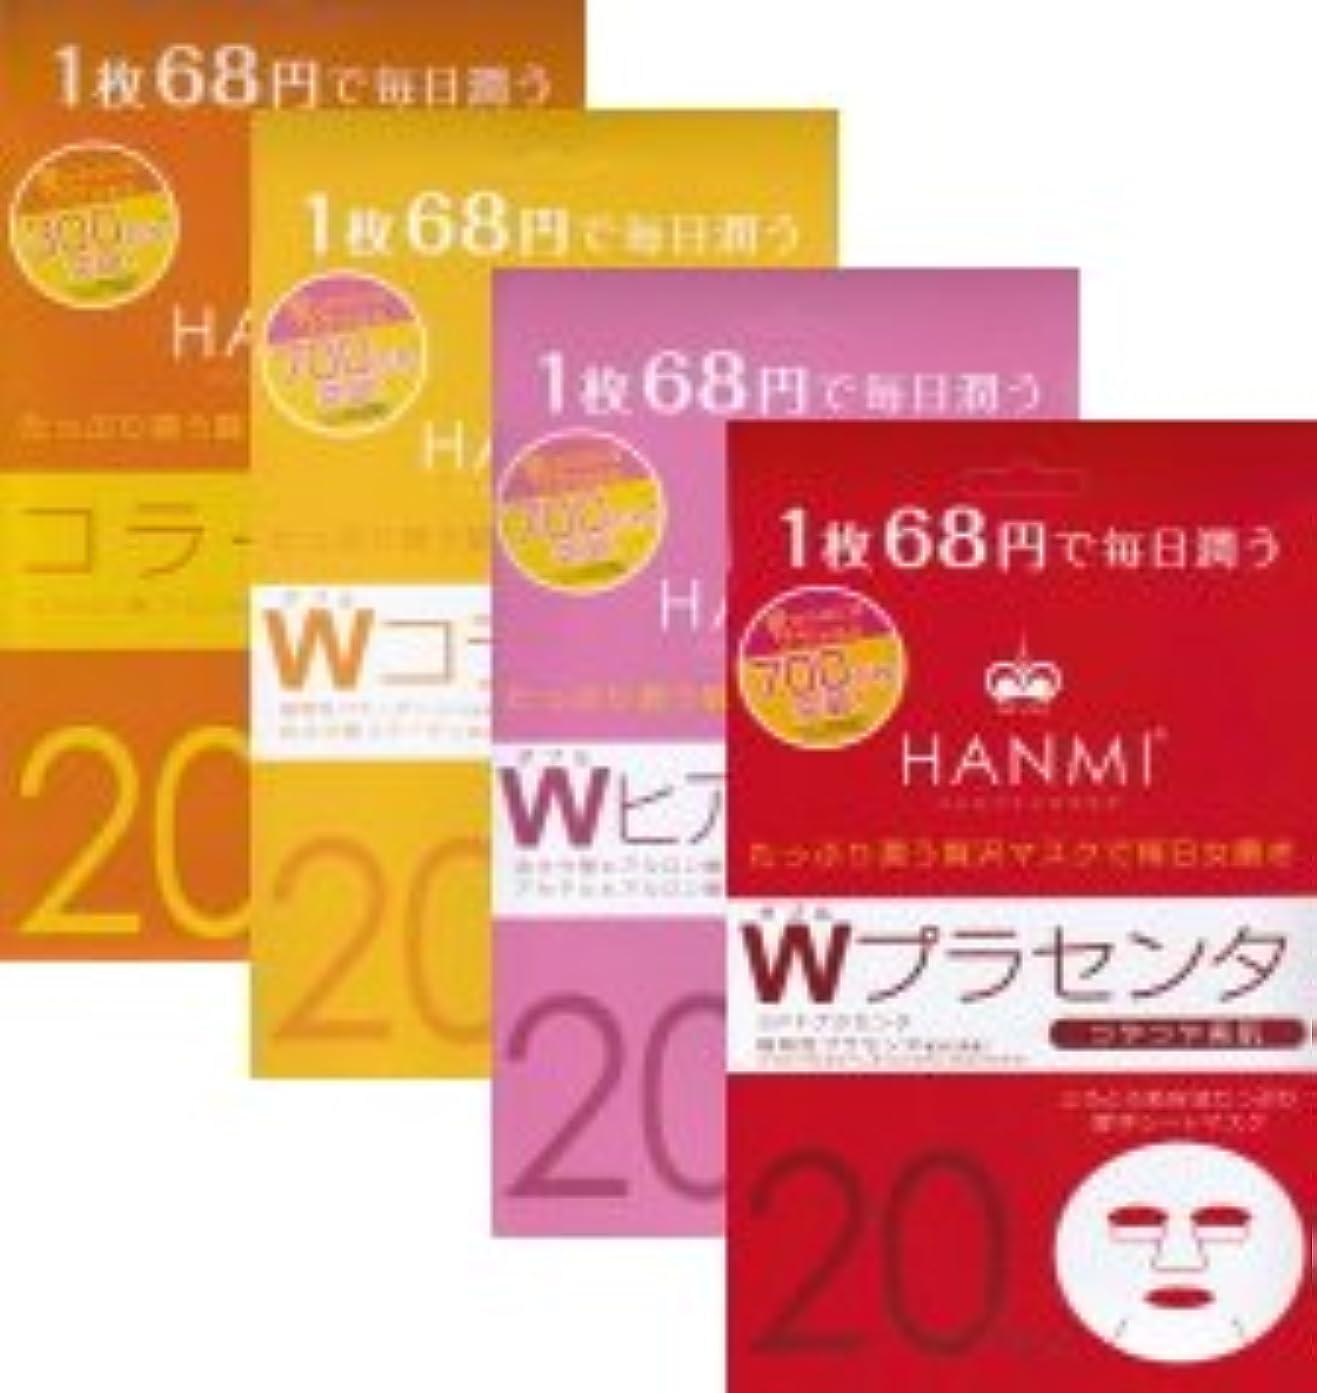 外交光メイドMIGAKIハンミフェイスマスクコラーゲン1Wコラーゲン1Wヒアルロン酸1Wプラセンタ1の4個セット